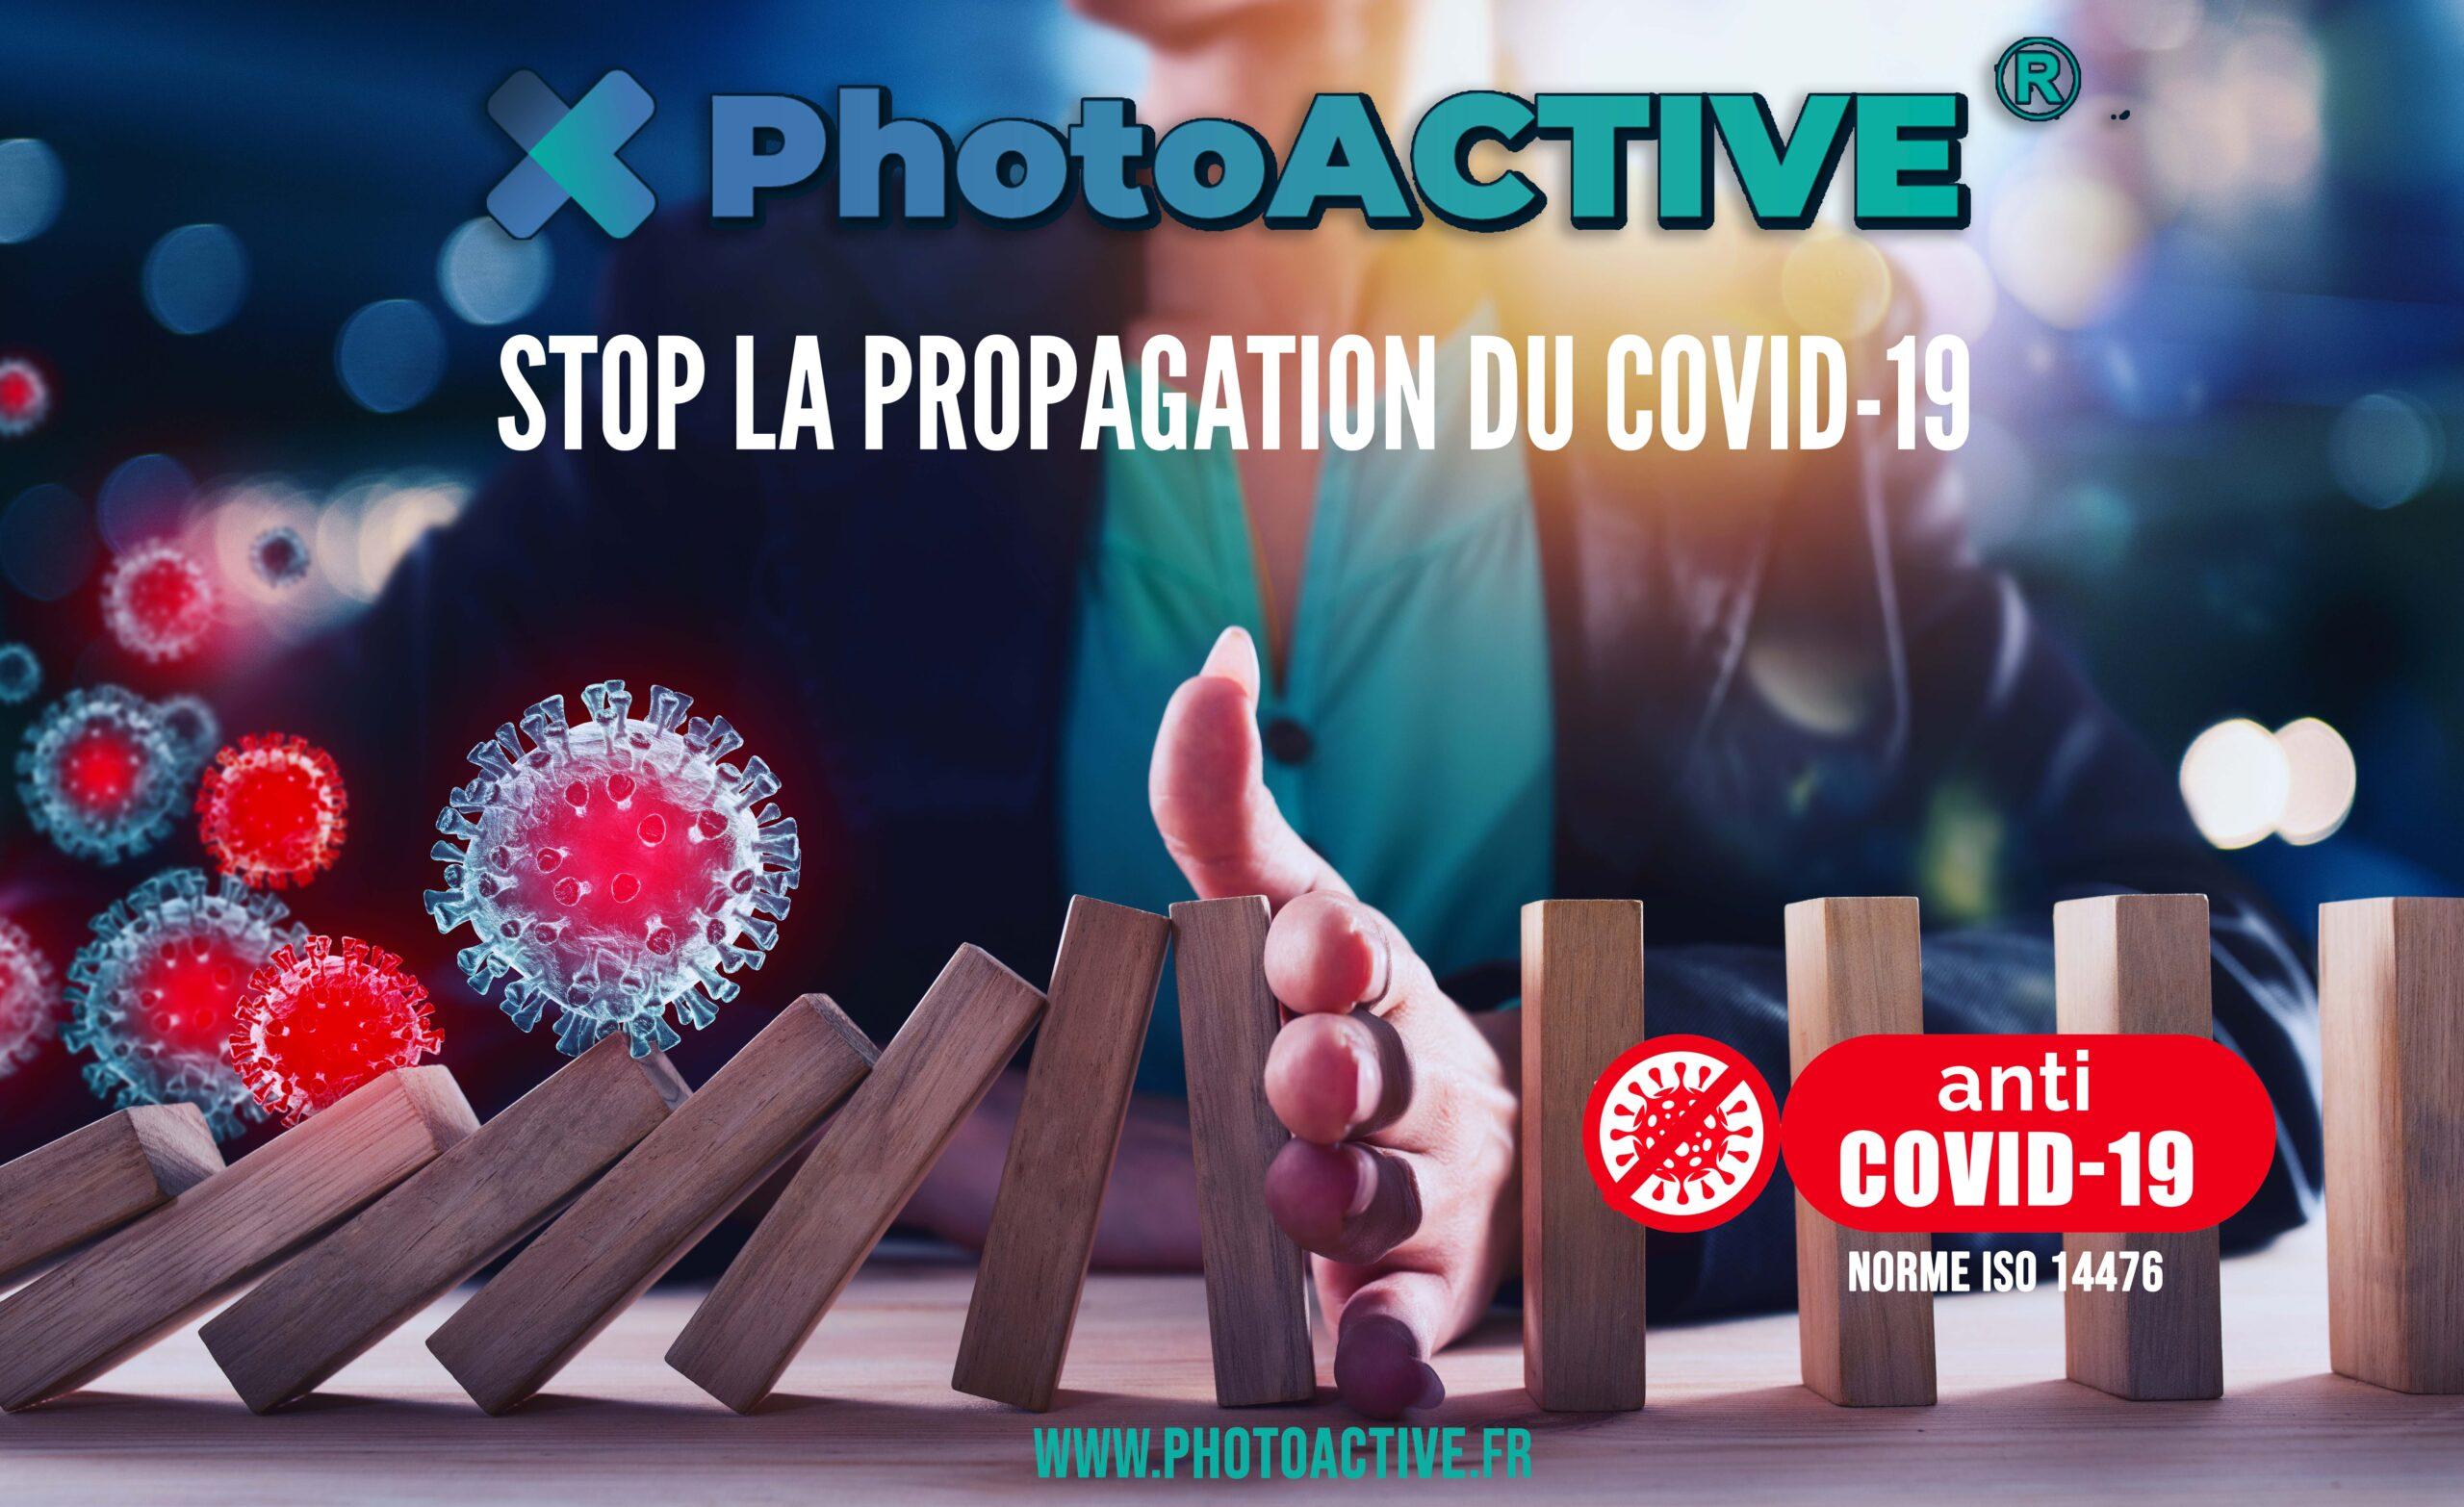 PhotoACTIVE anticovid19 Liquide Antimicrobien Film Antimicrobien 1 an